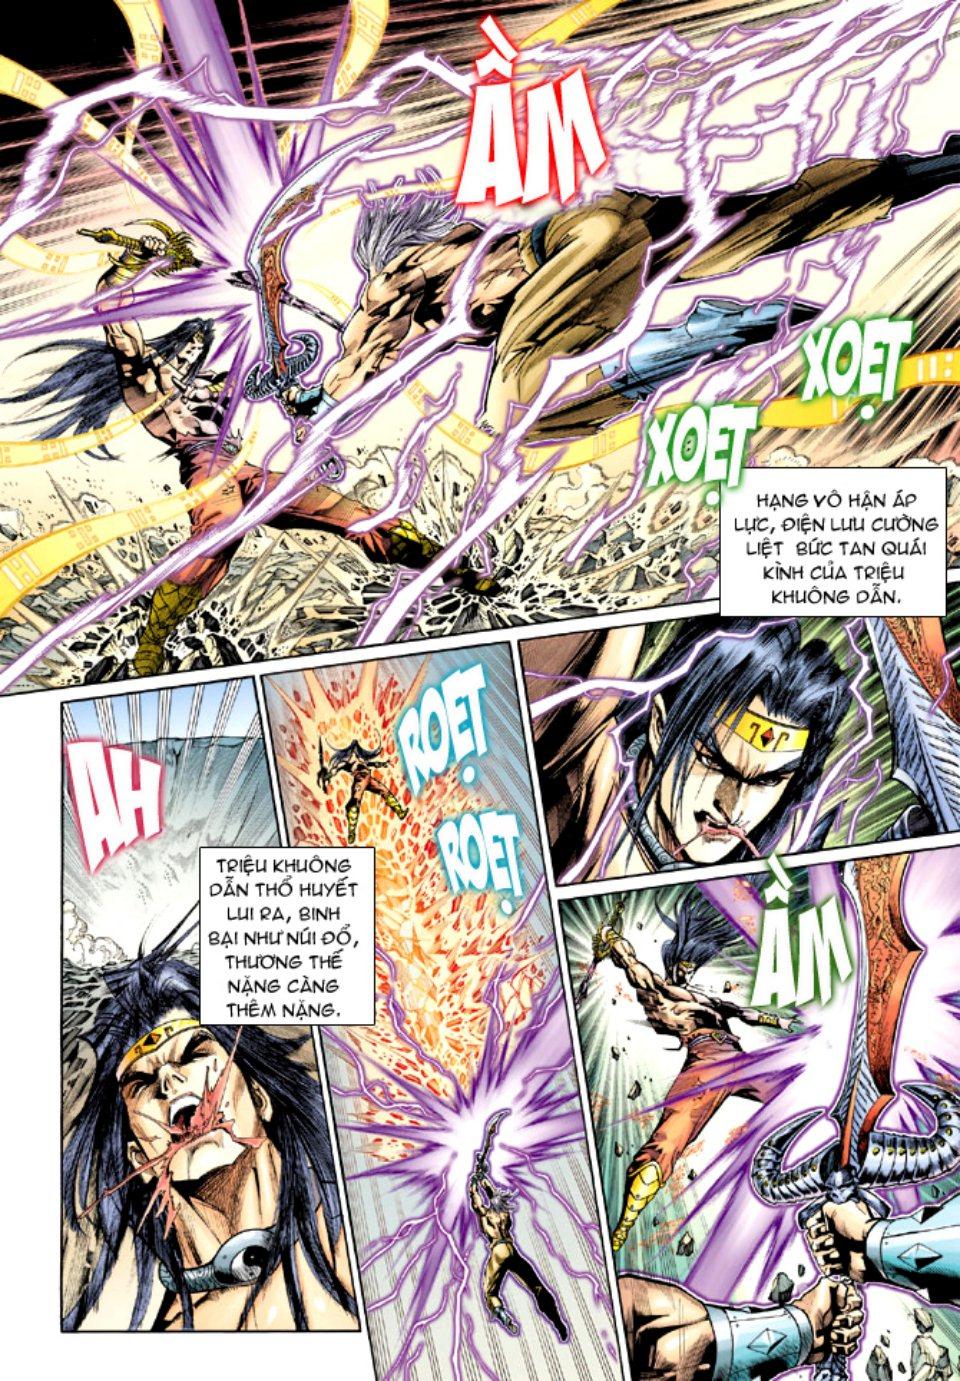 Thiên Tử Truyền Kỳ 5 – Như Lai Thần Chưởng chap 214 – End Trang 8 - Mangak.info